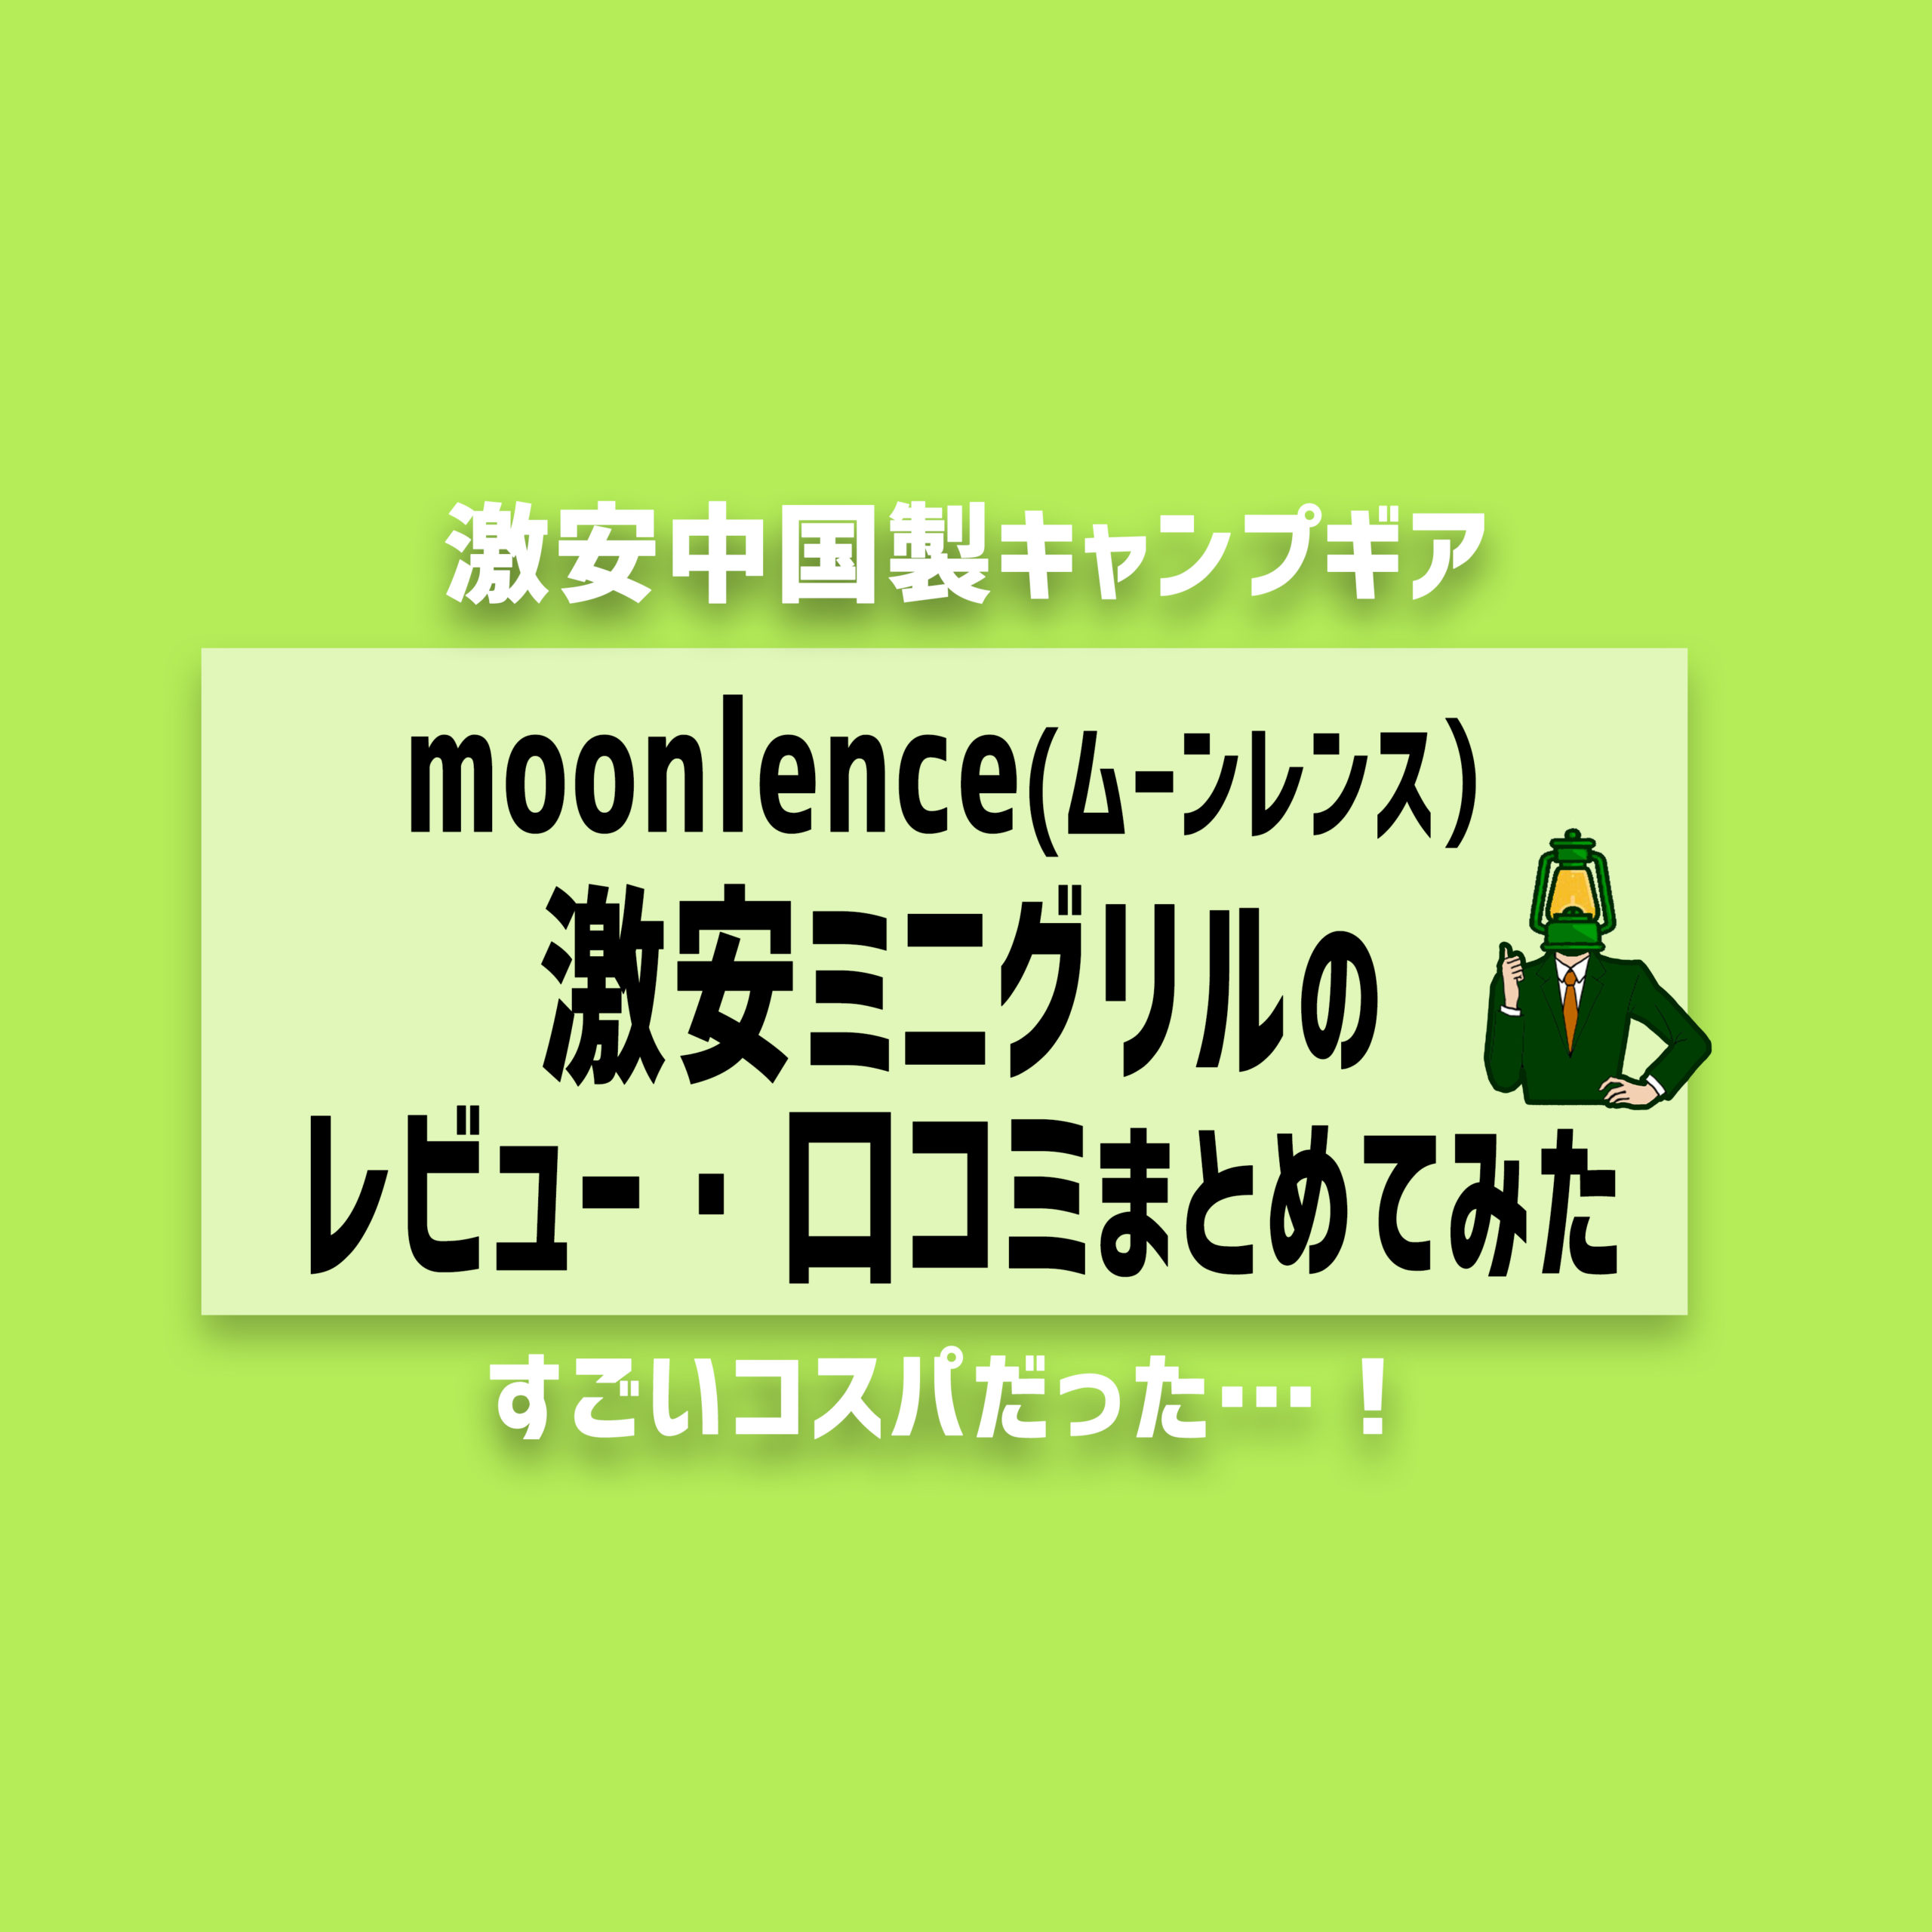 amazonでポチり!moonlence(ムーンレンス)激安ミニグリルのレビュー・口コミまとめ